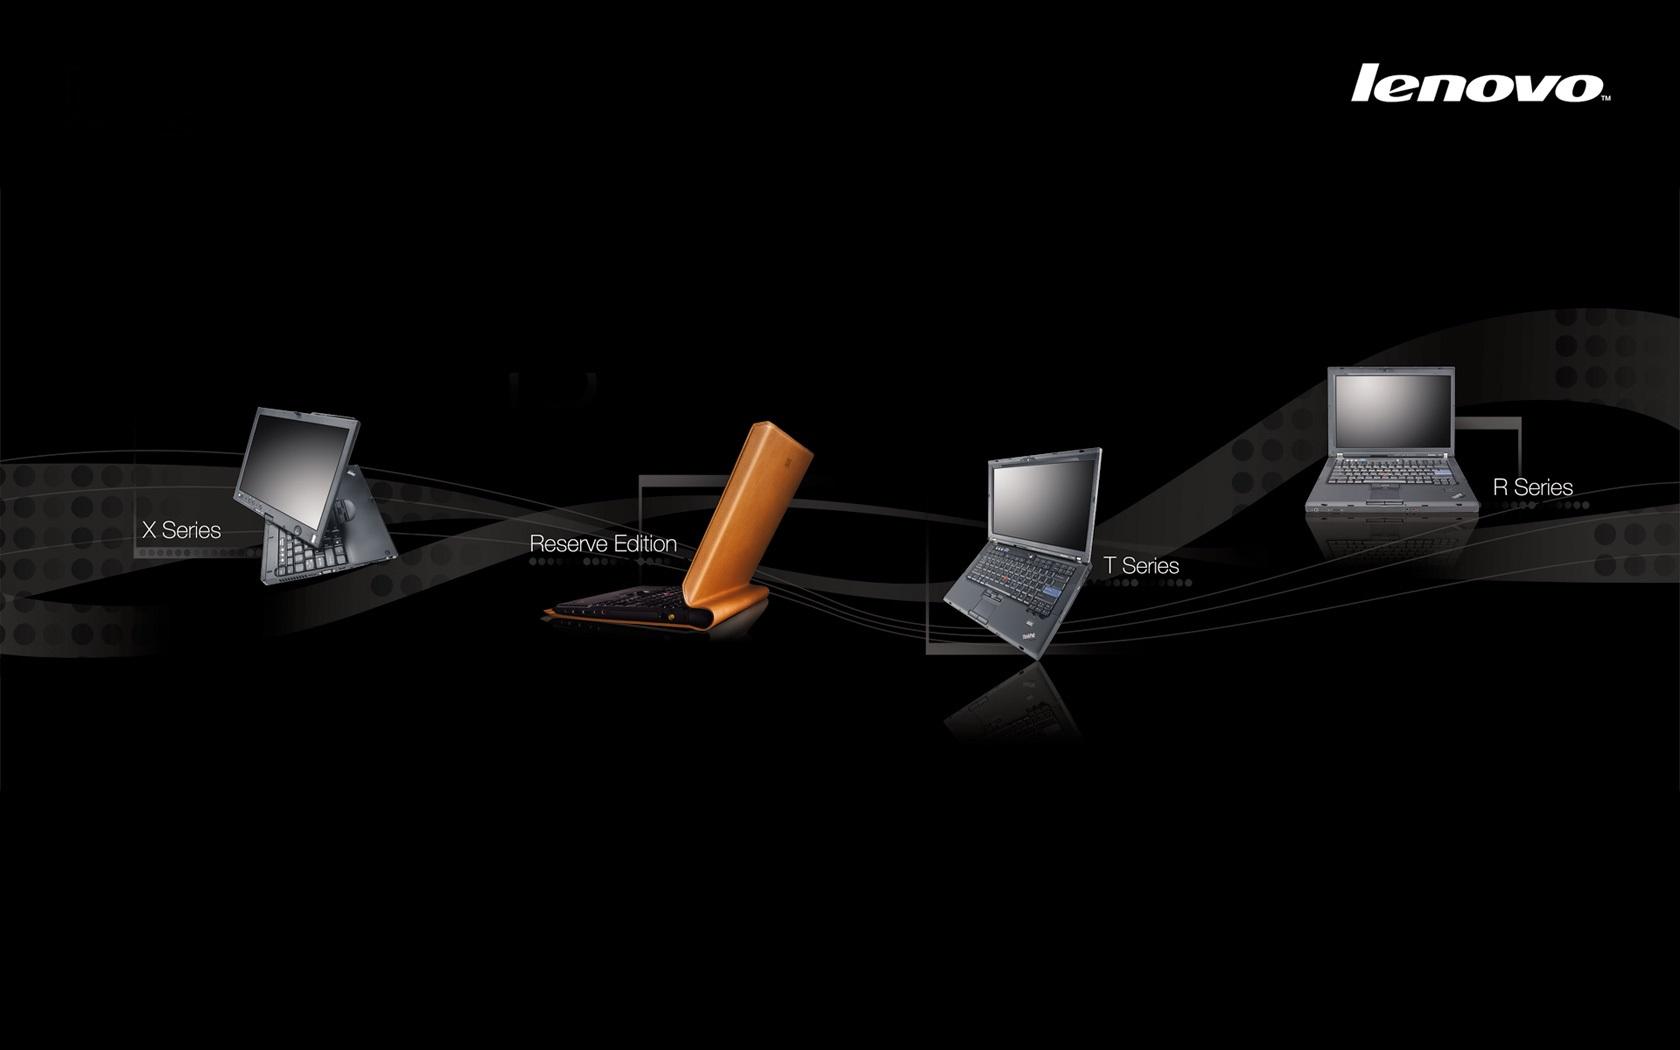 Ремонт ноутбуков Lenovo в Ростове-на-Дону